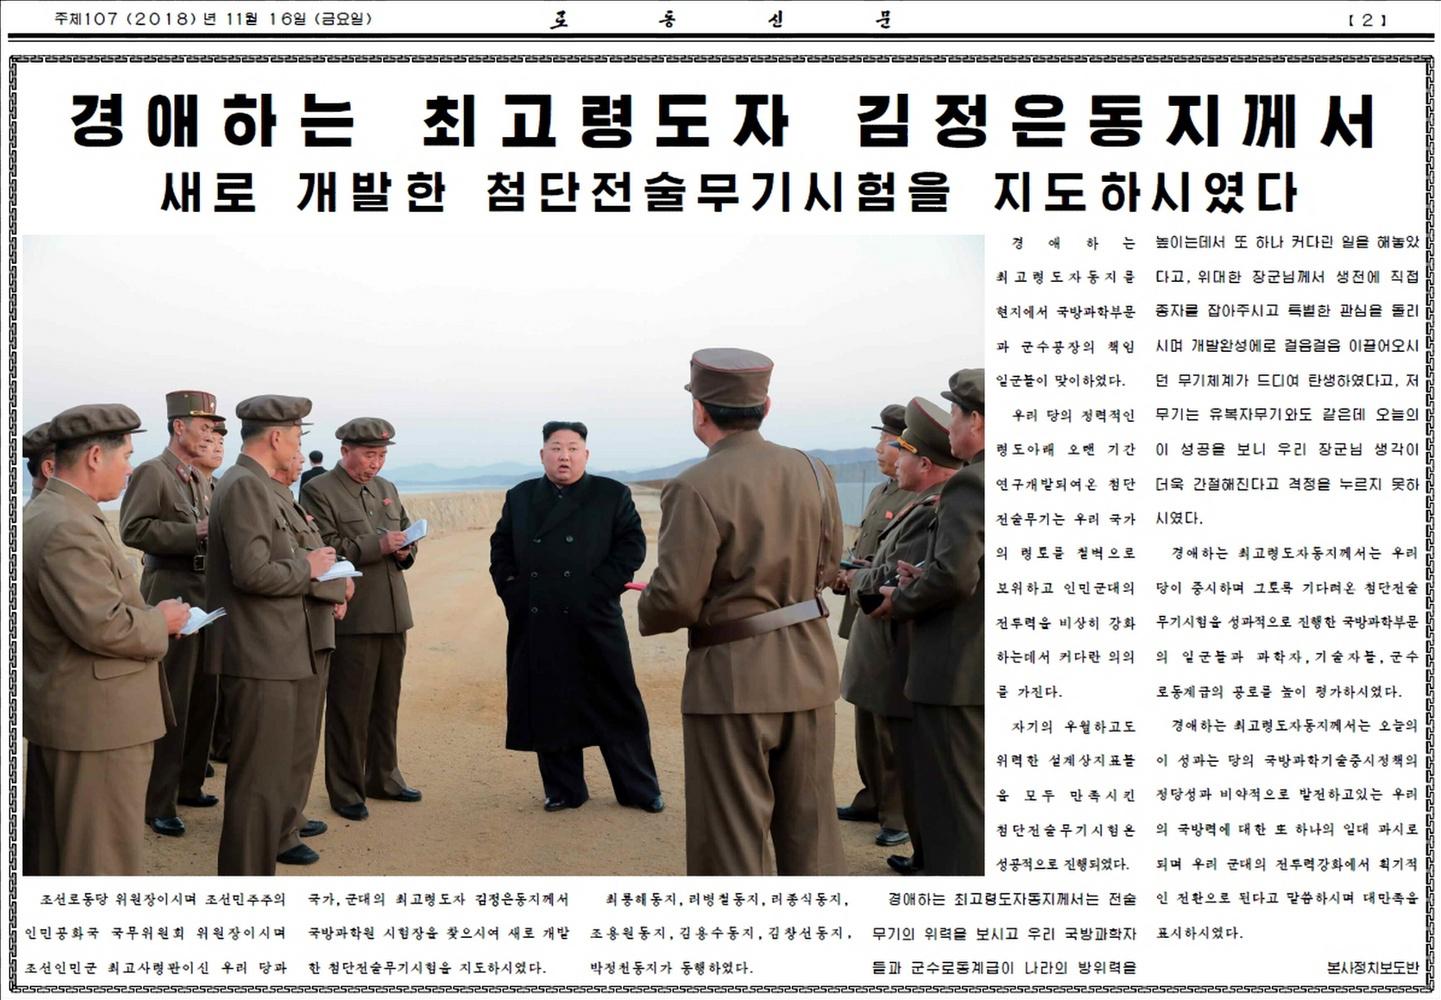 김정은 북한 국무위원장이 '새로 개발한 첨단전술무기' 실험을 지도했다고 북한 노동당 기관지 노동신문이 16일 보도했다. [연합뉴스]